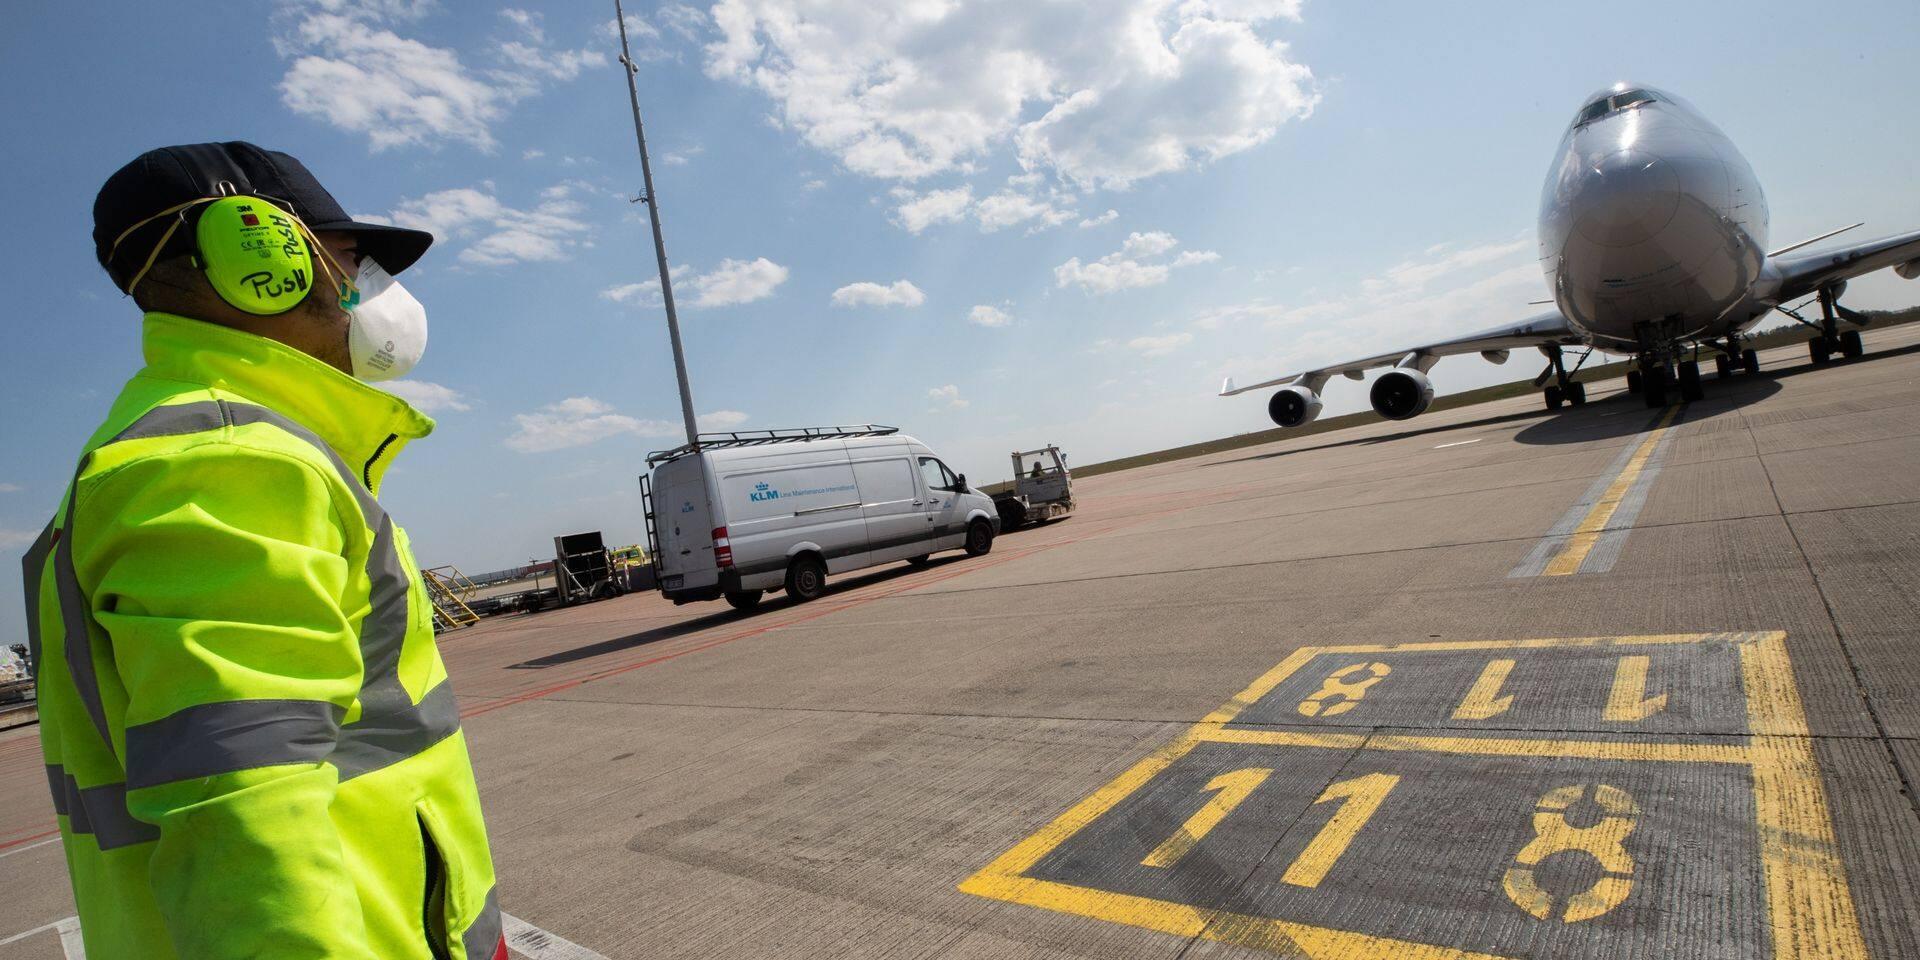 Liege Airport franchit le cap du million de tonnes de marchandises transportées